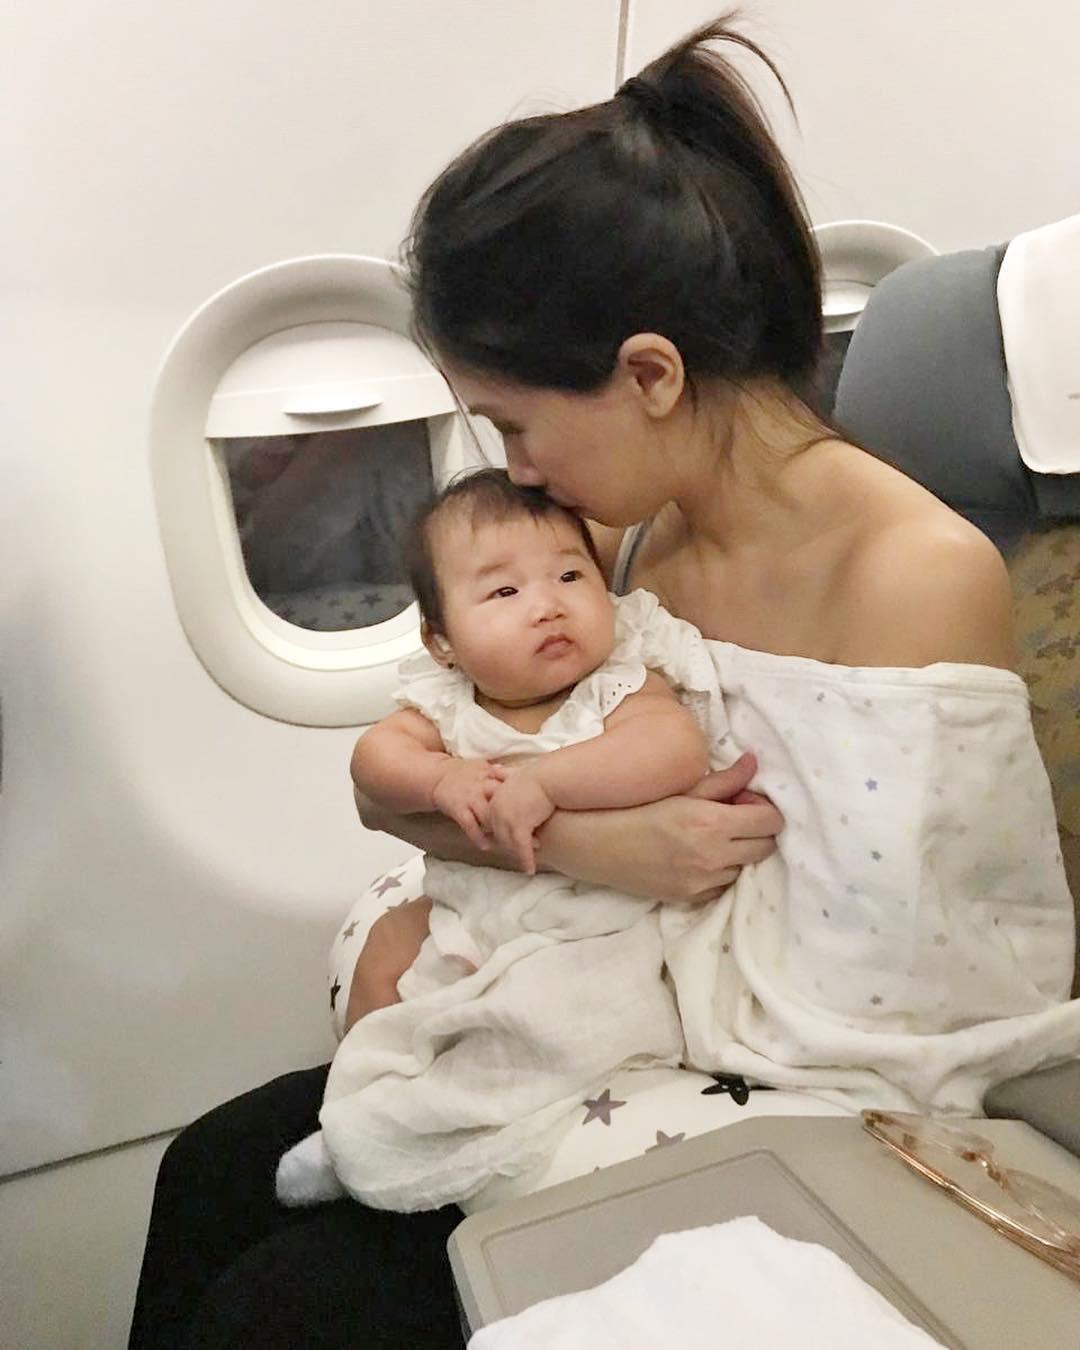 Sau khi có con, cuộc sống của Stephanie Nguyễn - chị chồng rất thân thiết với Hà Tăng thay đổi ra sao?-6